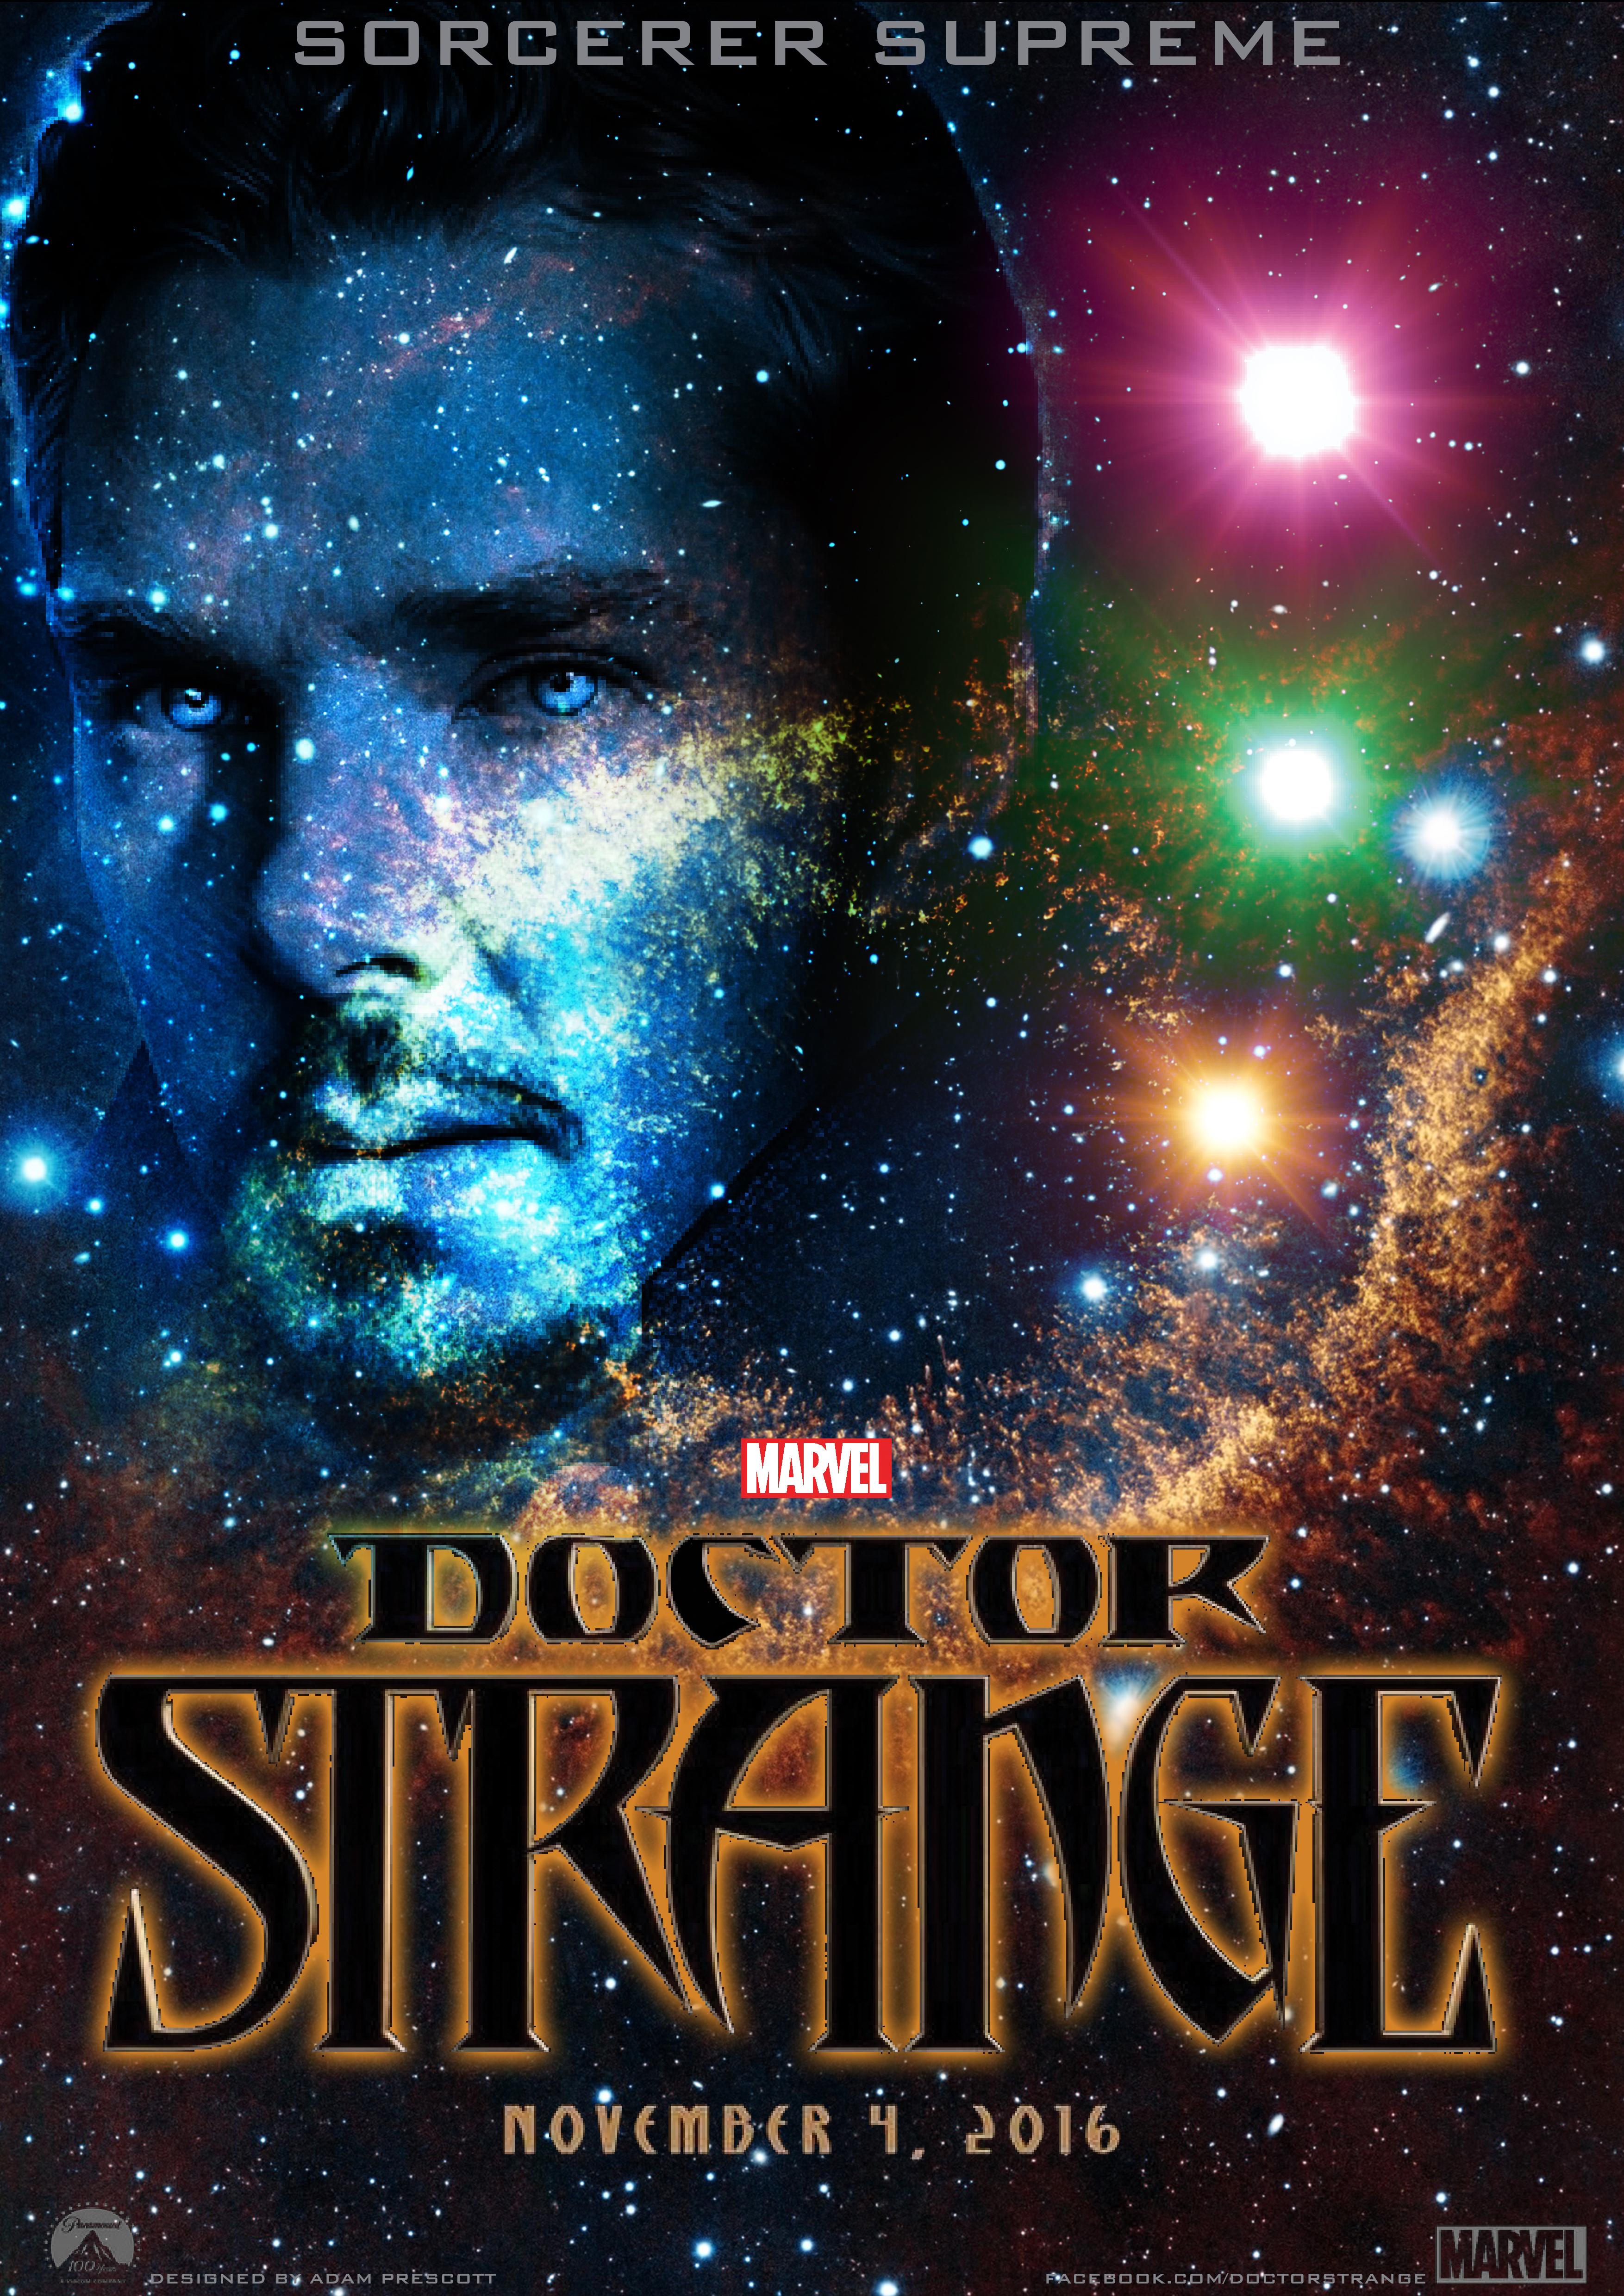 Dr Strange Poster Design by AdzArtz on DeviantArt